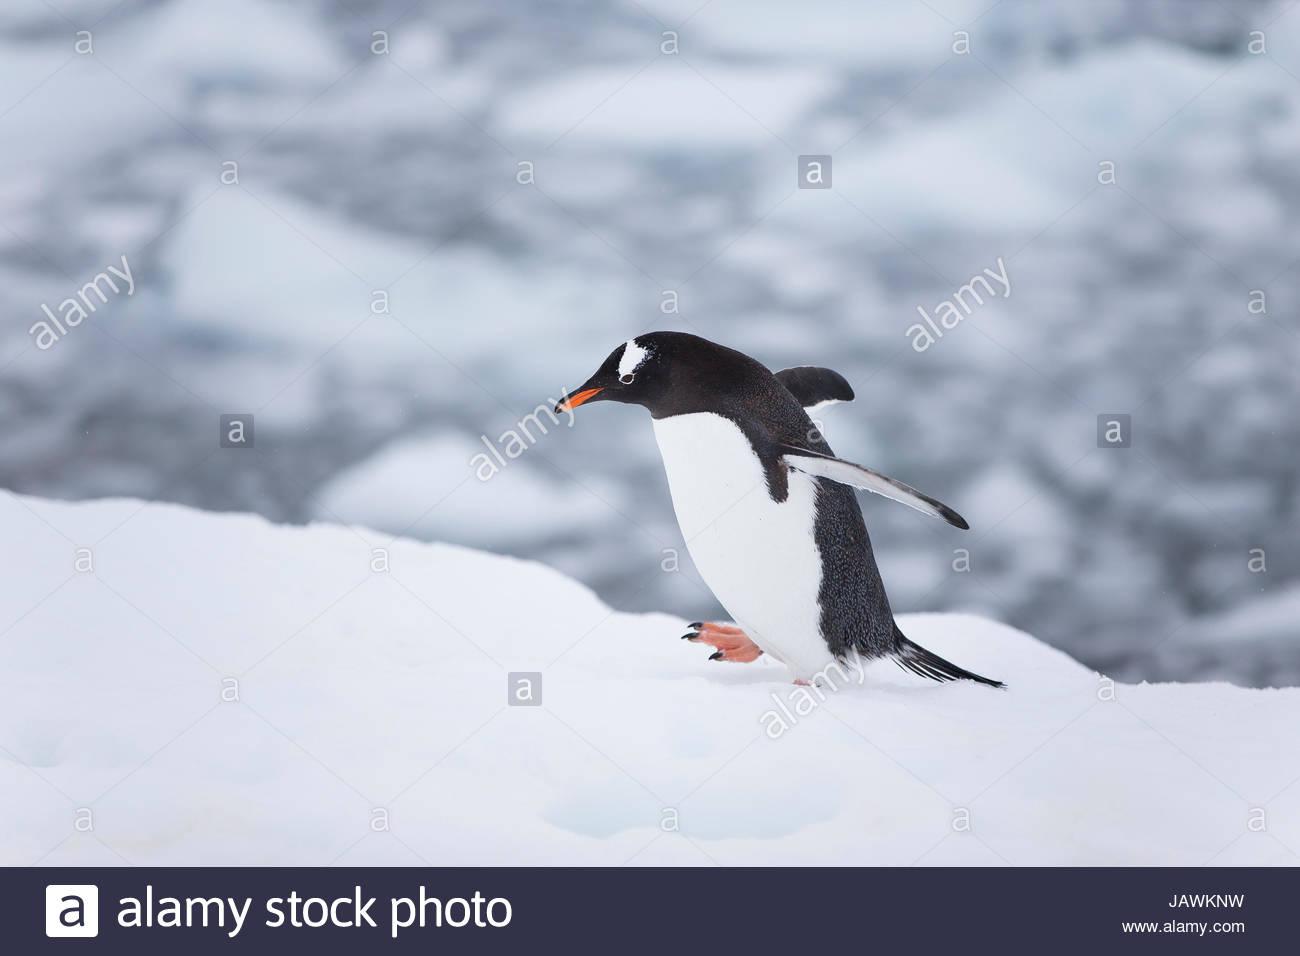 Gentoo penguin walking on snow in Antarctica. - Stock Image